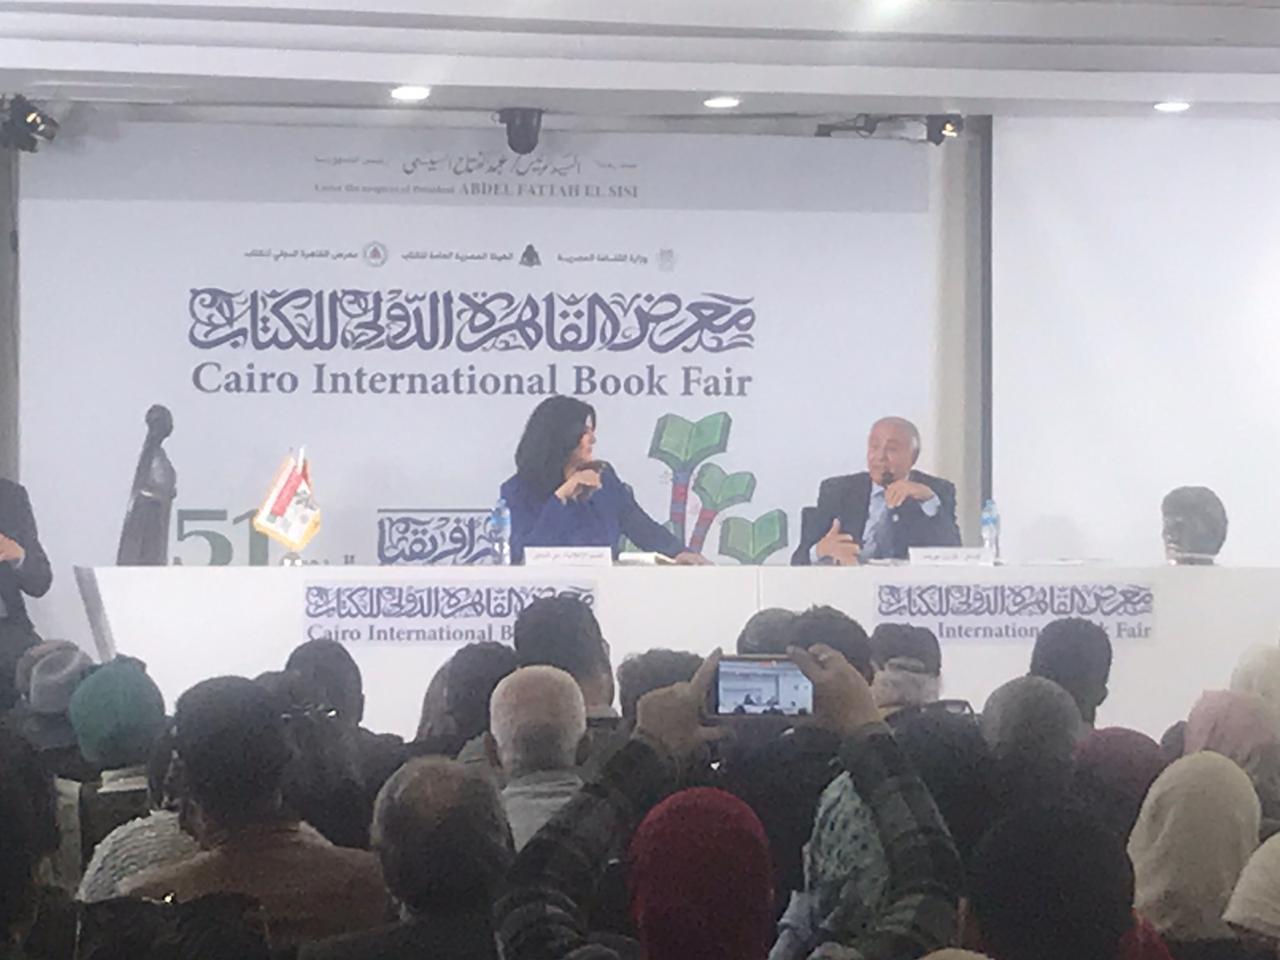 الشاعر فاروق جويدة والإعلامية منى الشاذلى